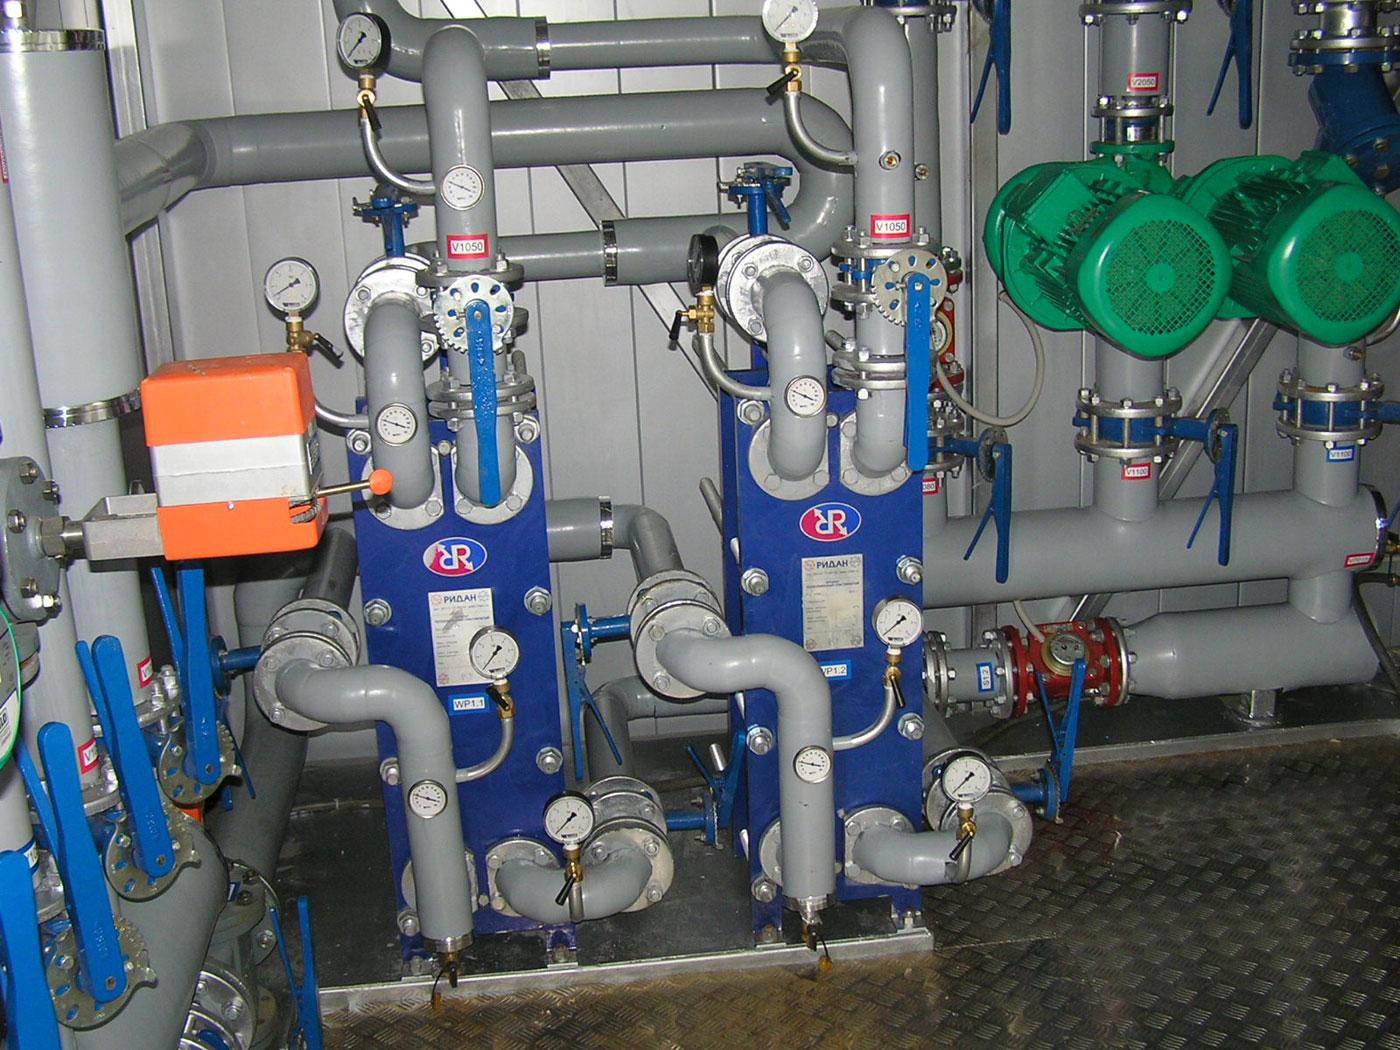 внутренний газопровод котельной